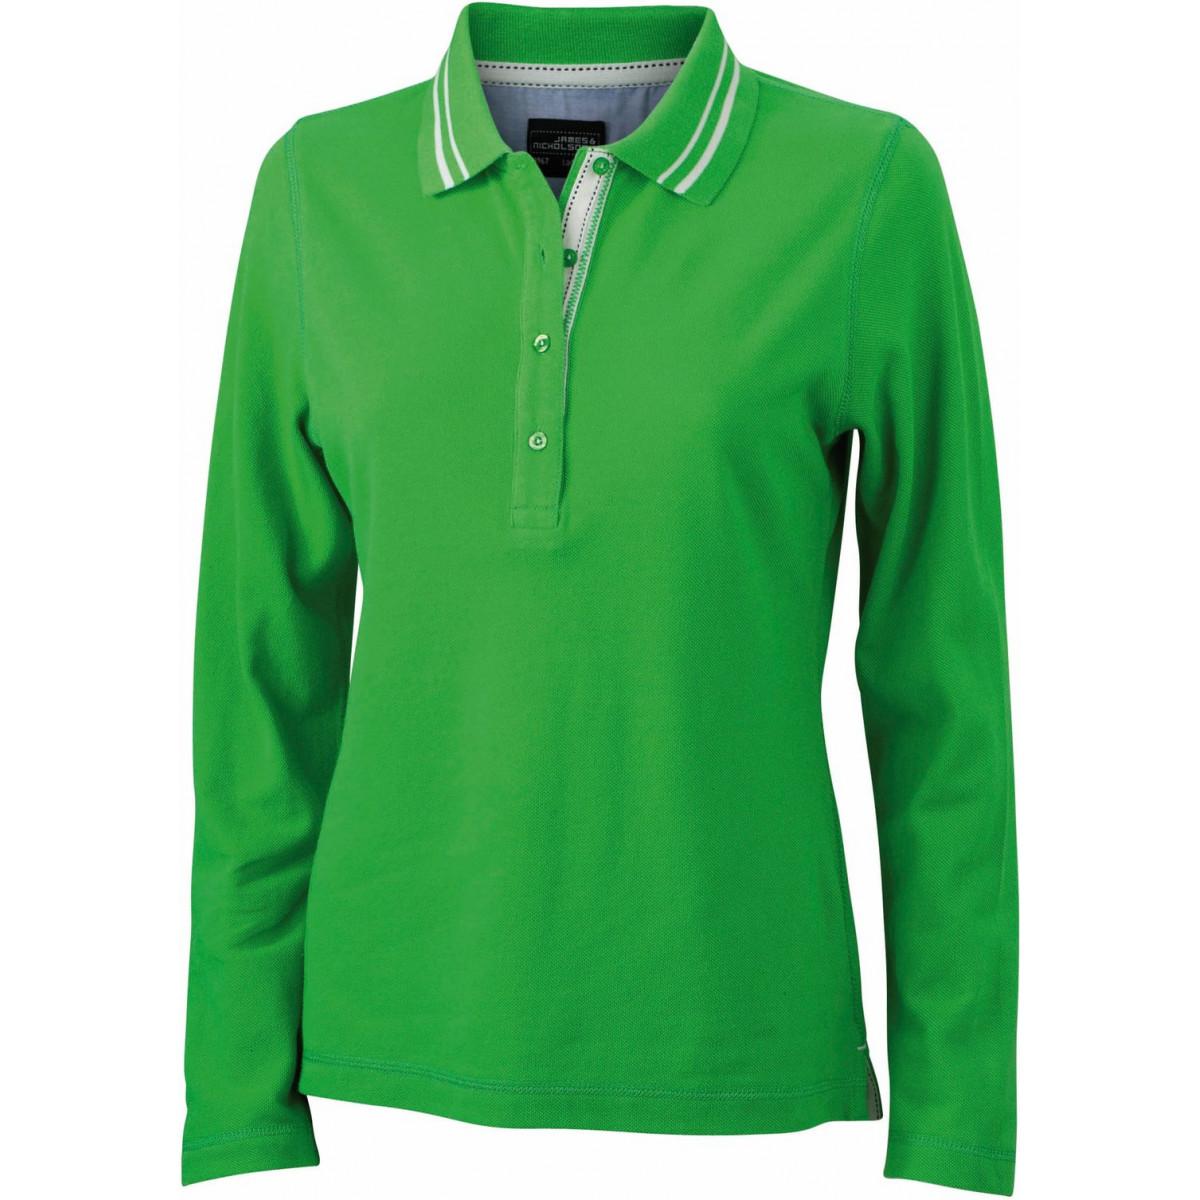 Рубашка поло женская JN967 Ladies Polo Long-Sleeved - Насыщенный зеленый/Белый